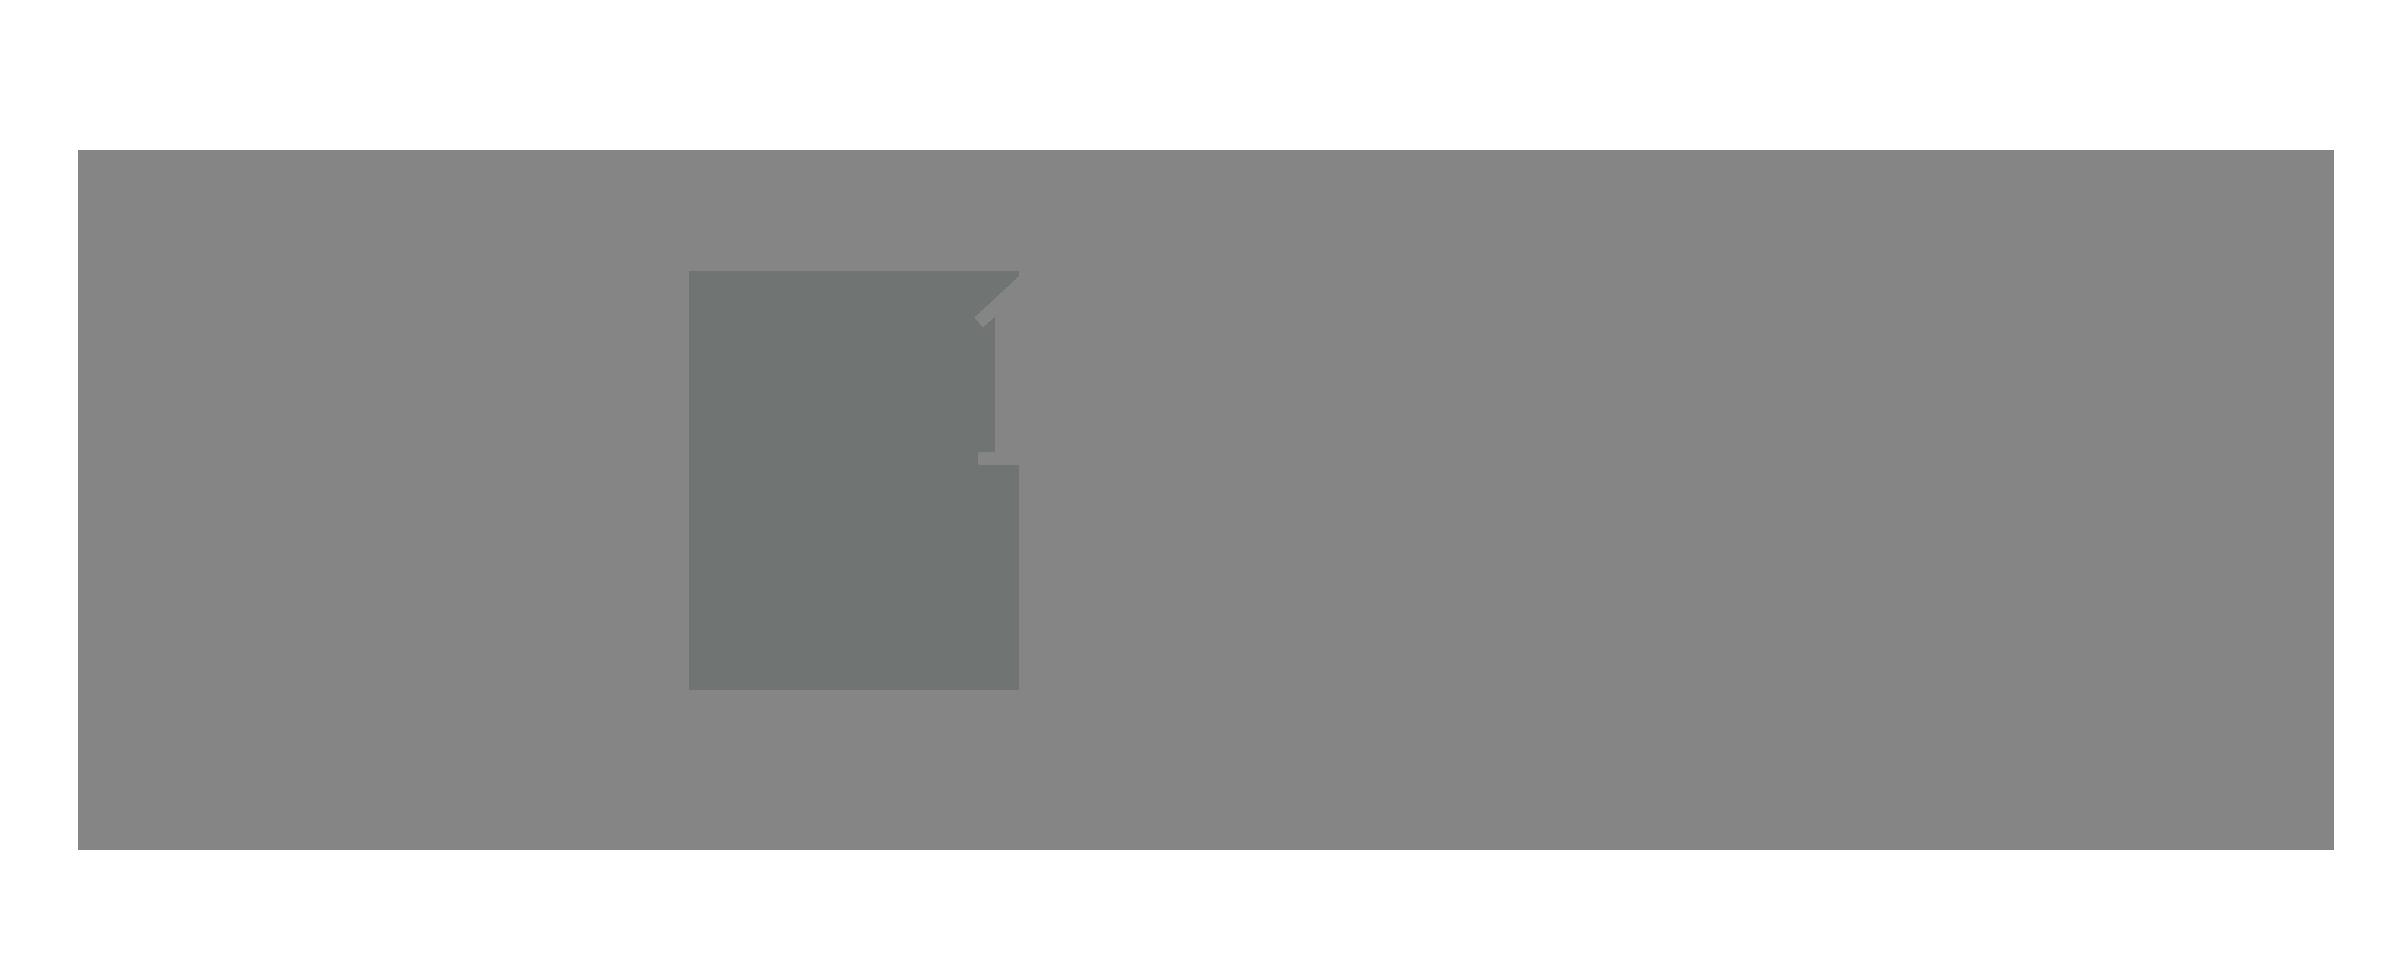 Himanshu Apparels